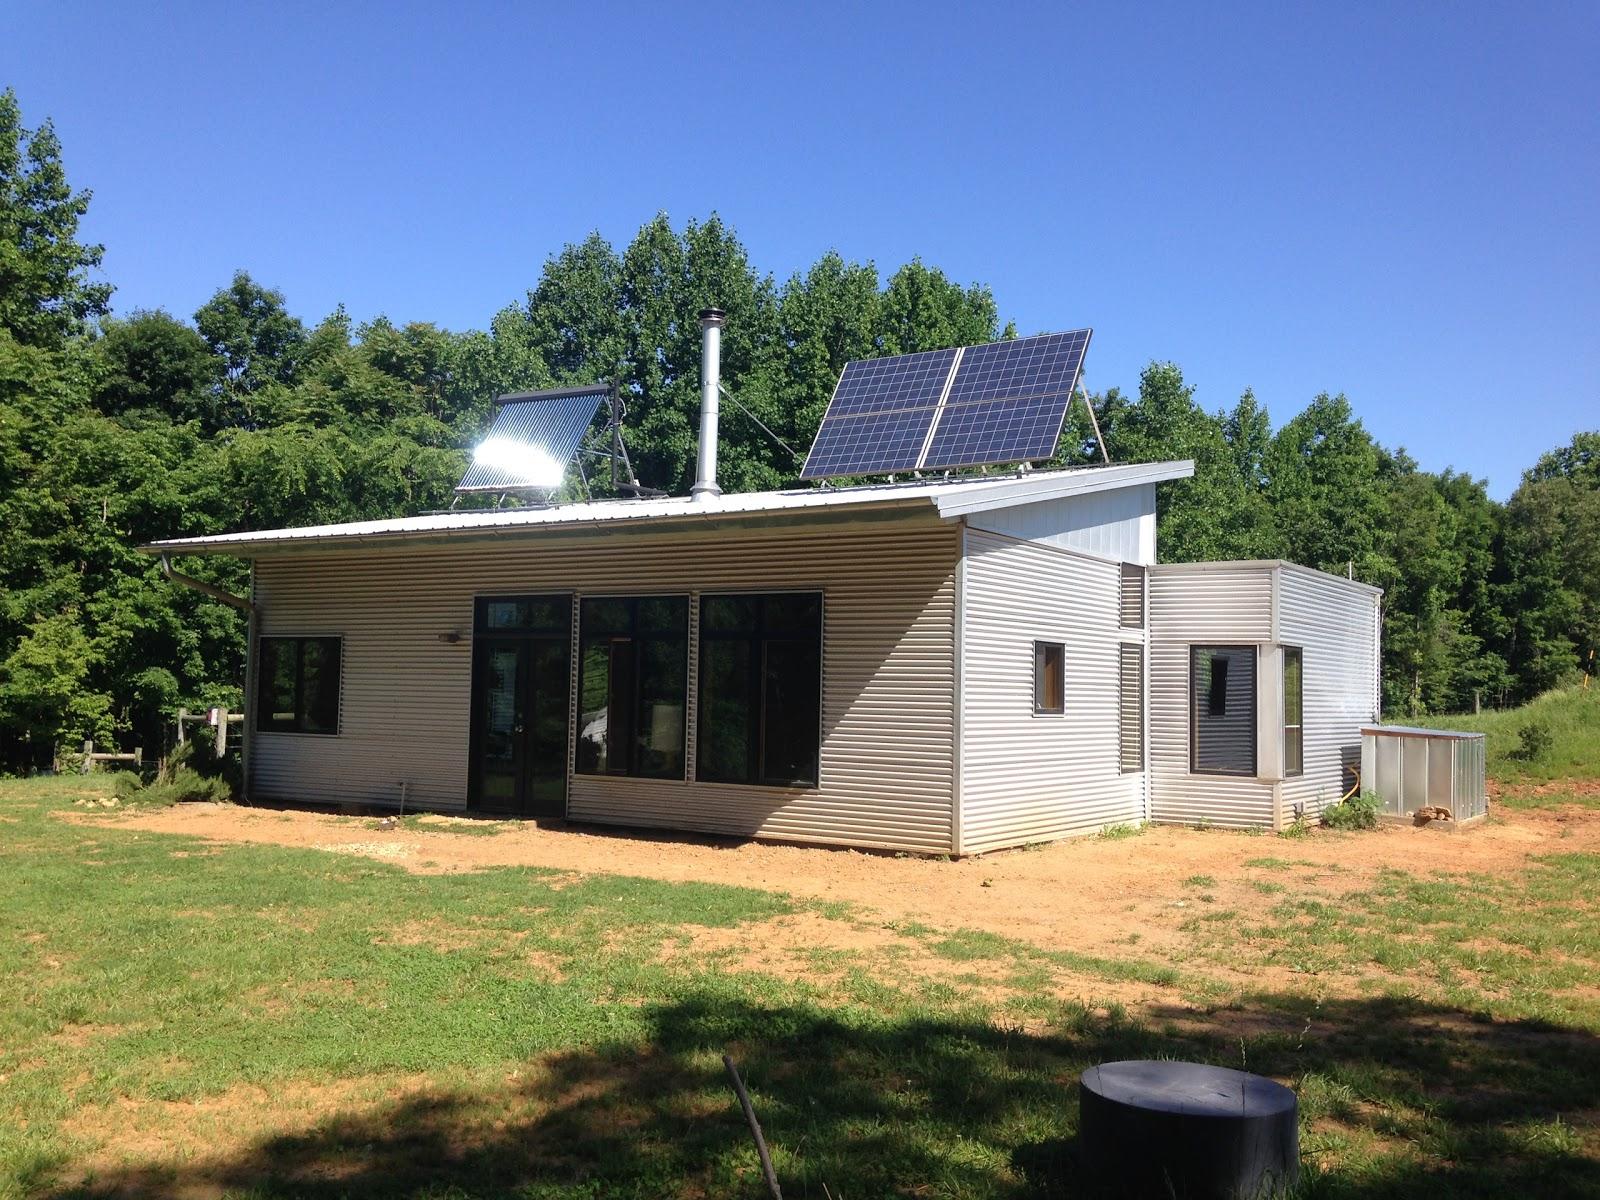 Off The Grid Prefab Homes Off Grid Air Conditioning A Modern Prefab House On Minimal Solar